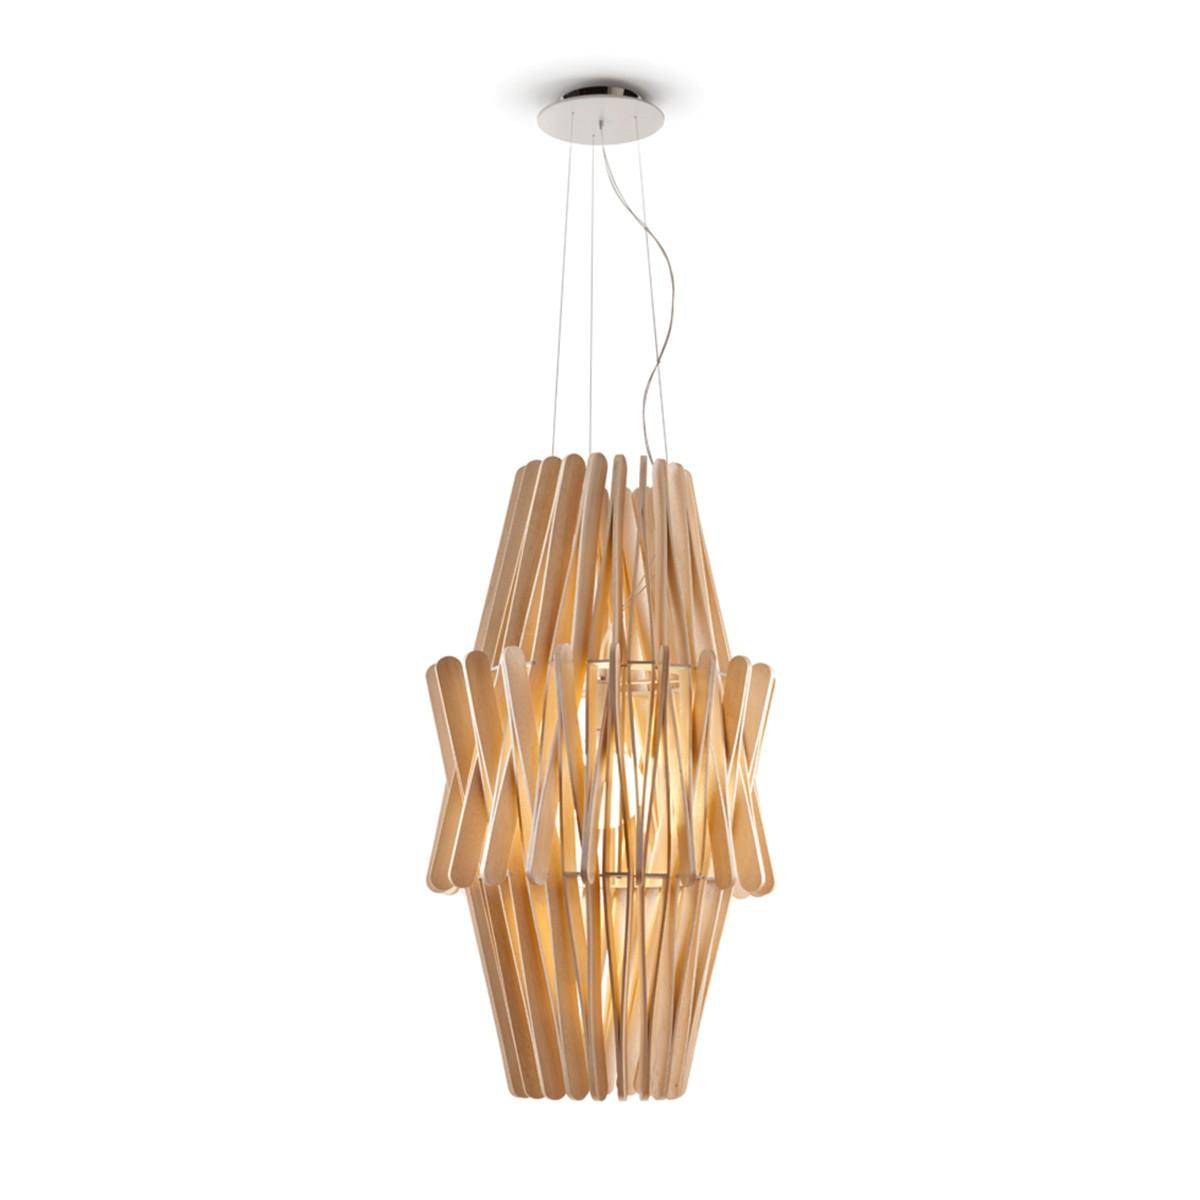 Fabbian Stick Doppio Cono Pendelleuchte LED (E27), Holz